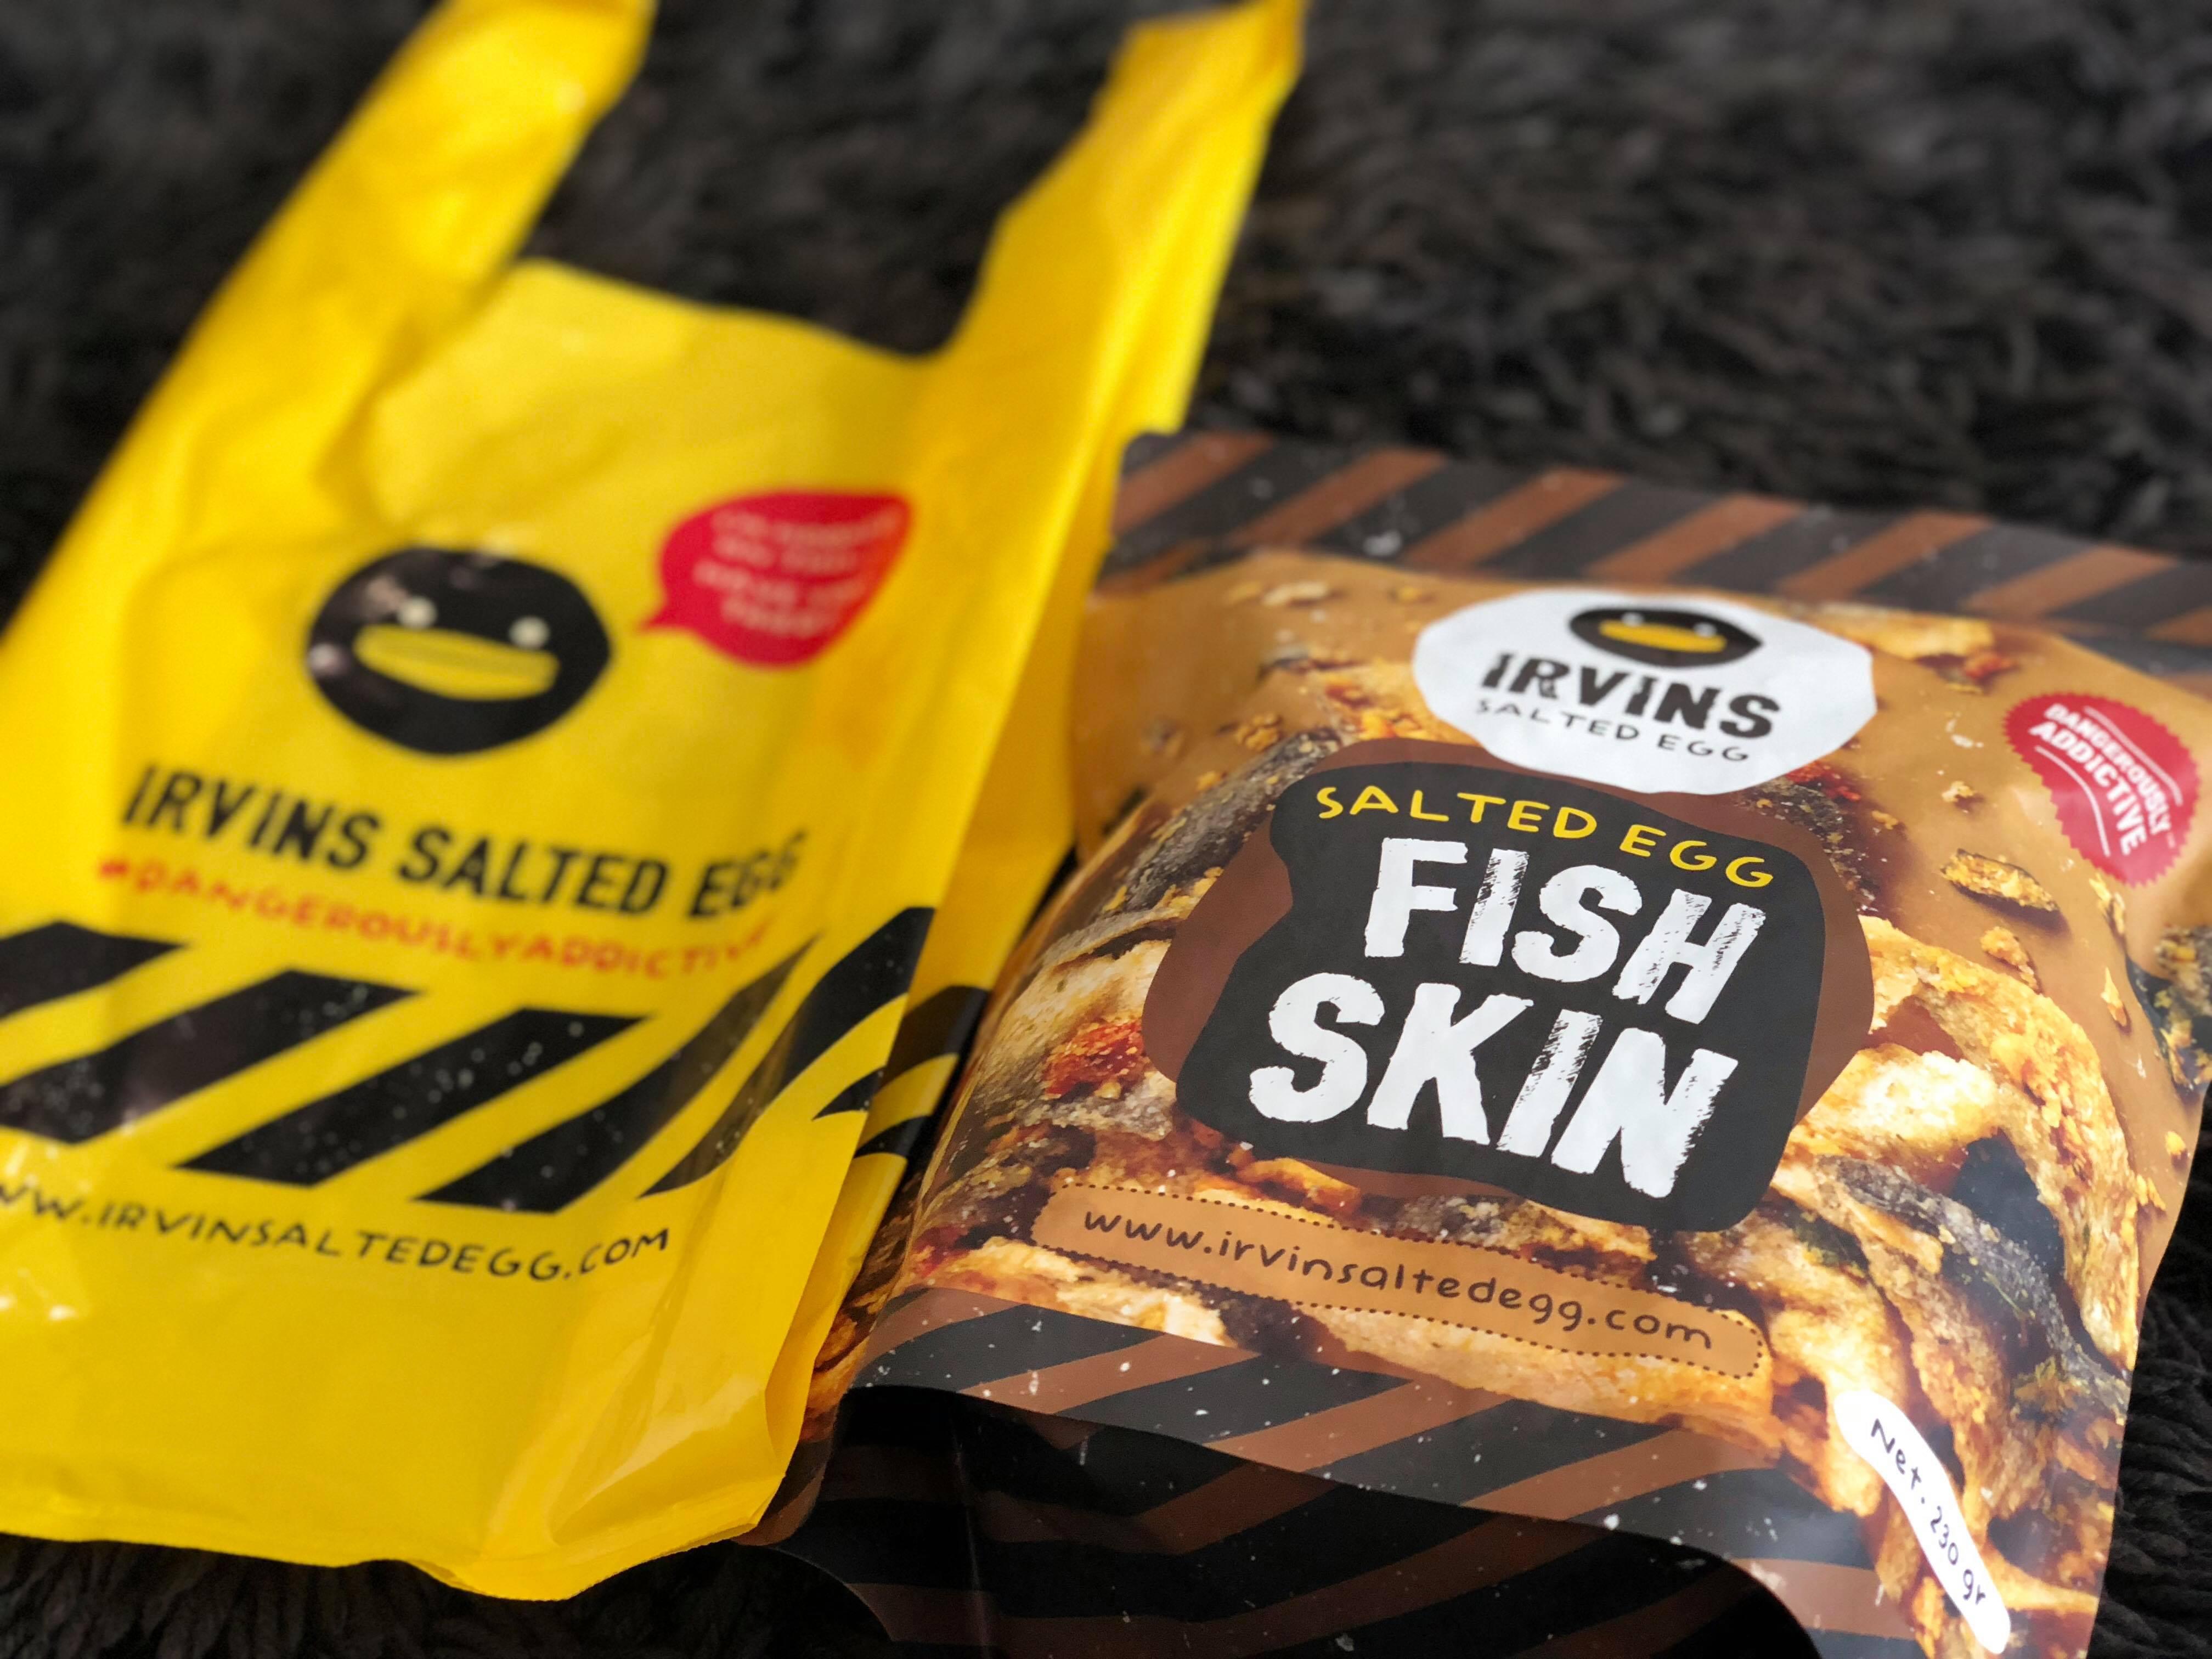 シンガポールで大行列のチップス屋さん IRVINS SALTED EGG FISH SKIN